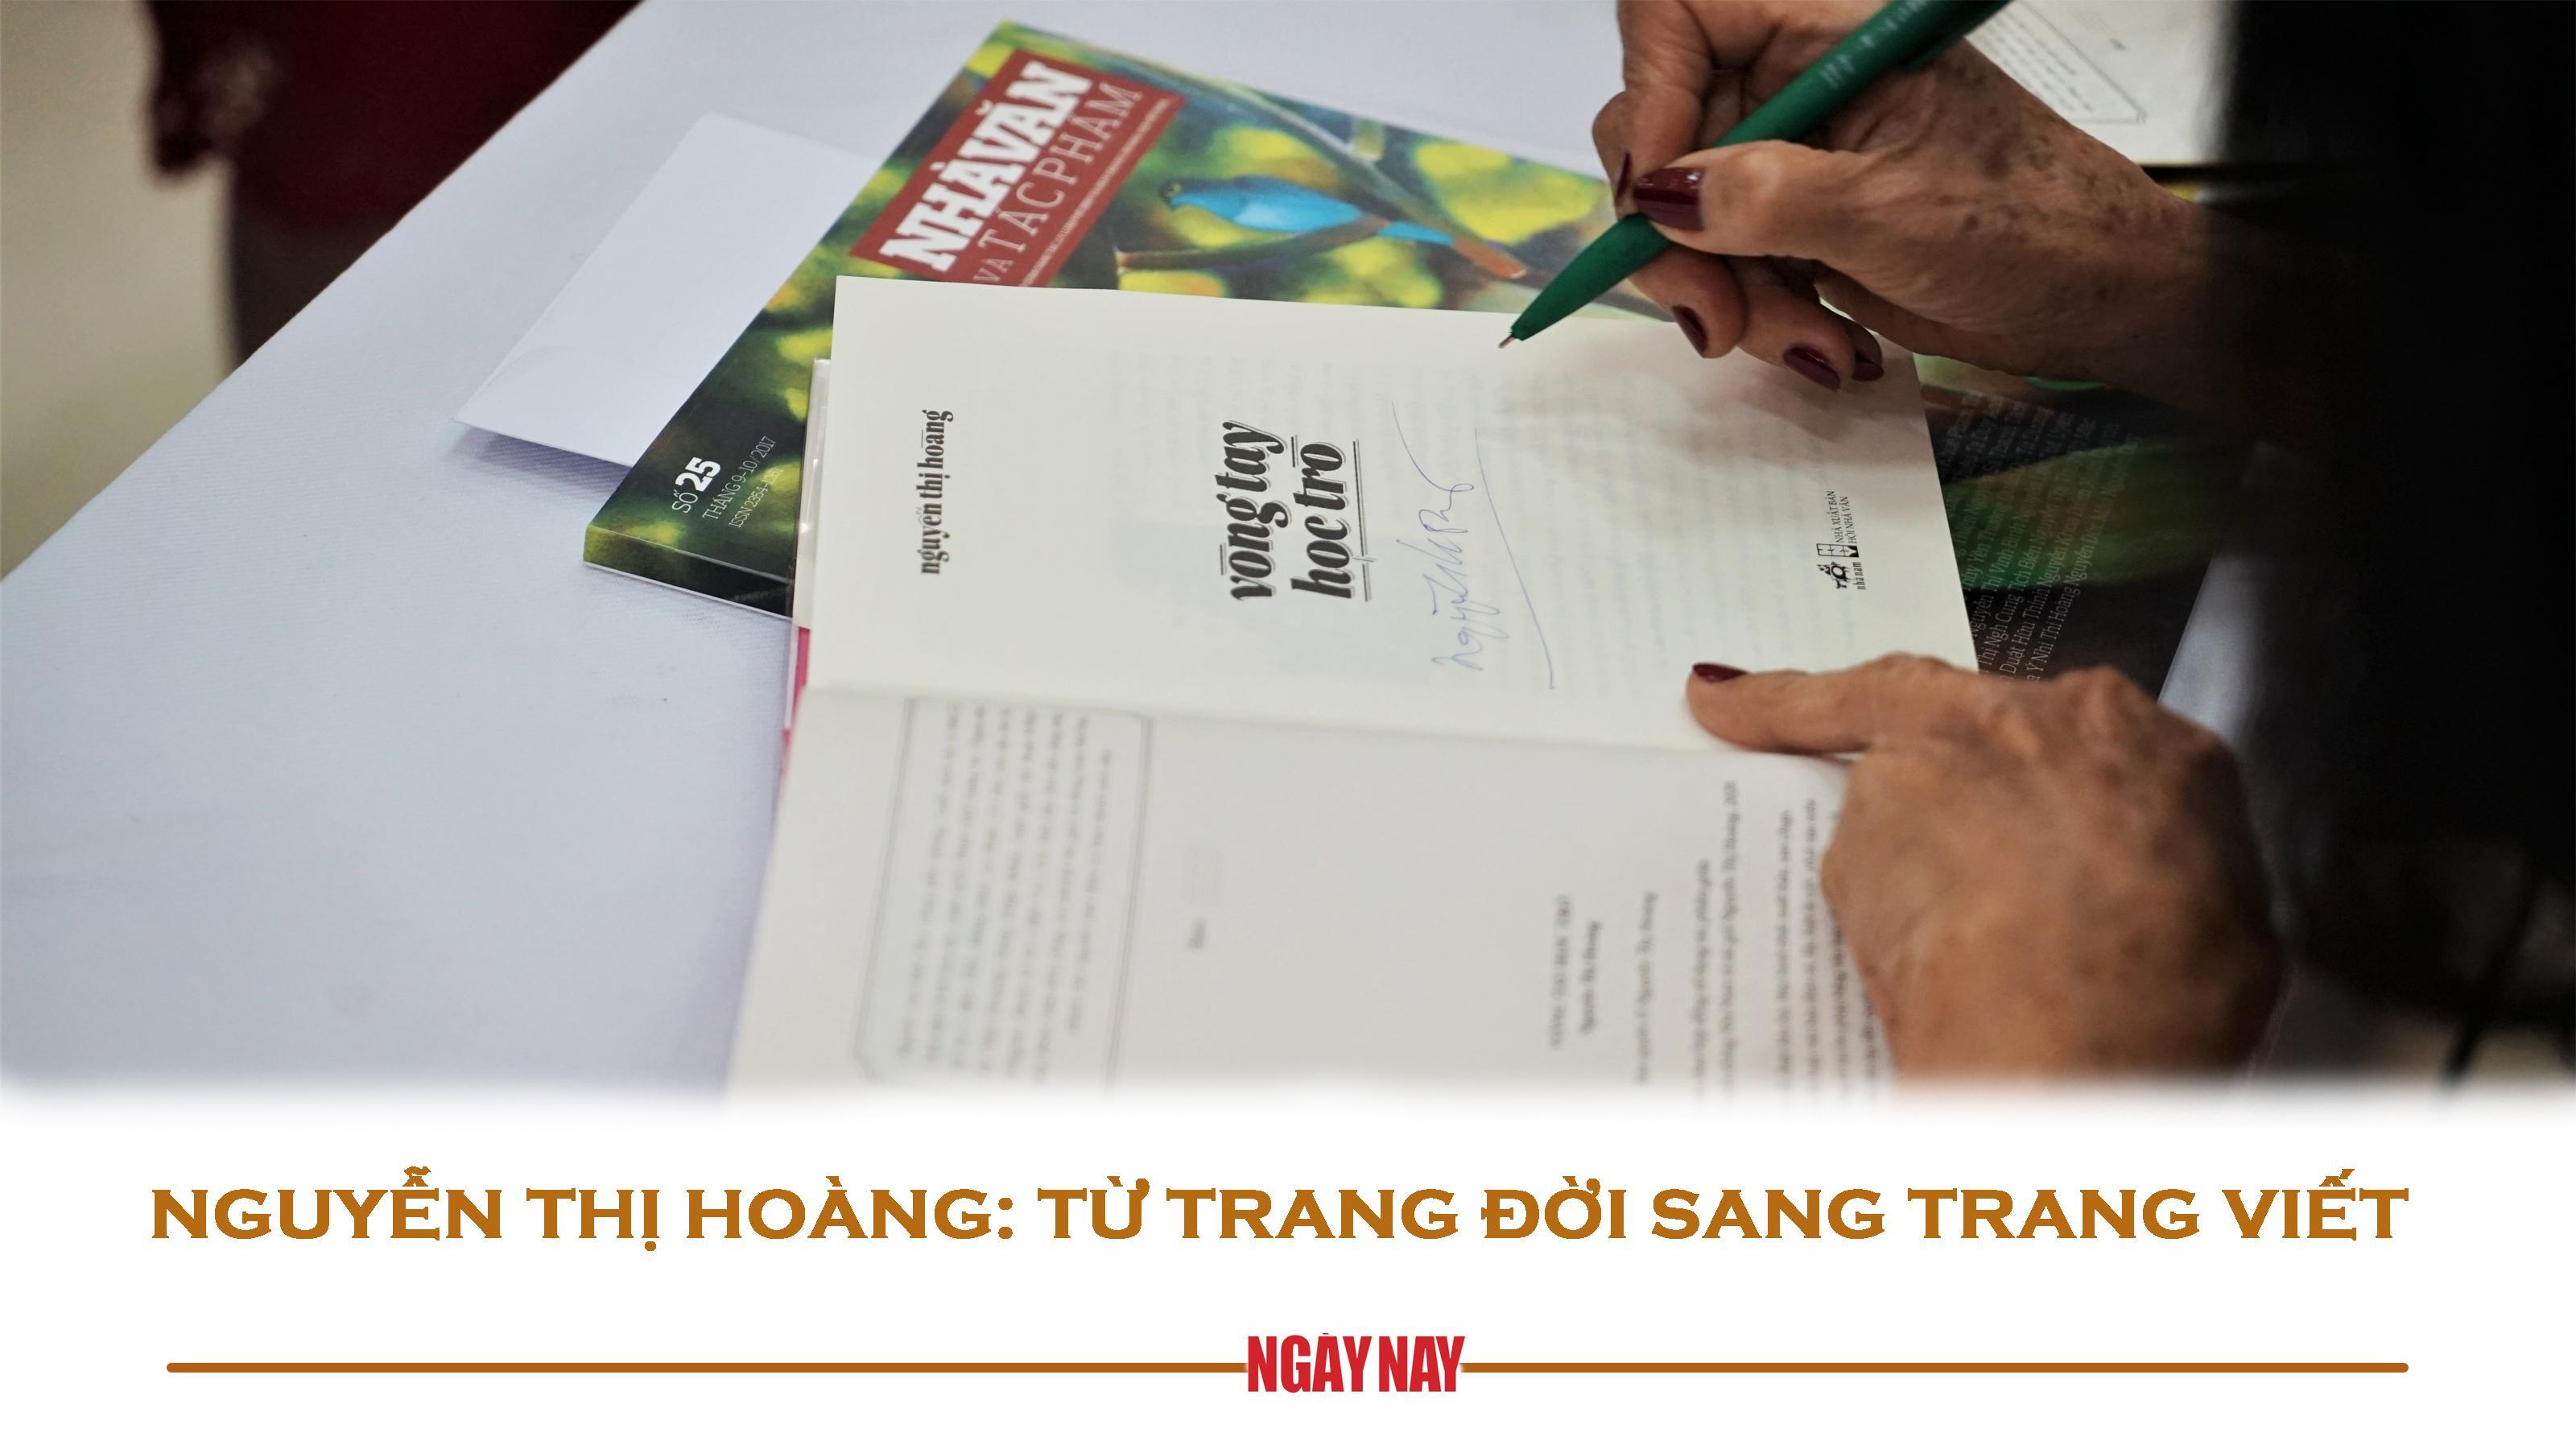 Nguyễn Thị Hoàng: Từ trang đời sang trang viết